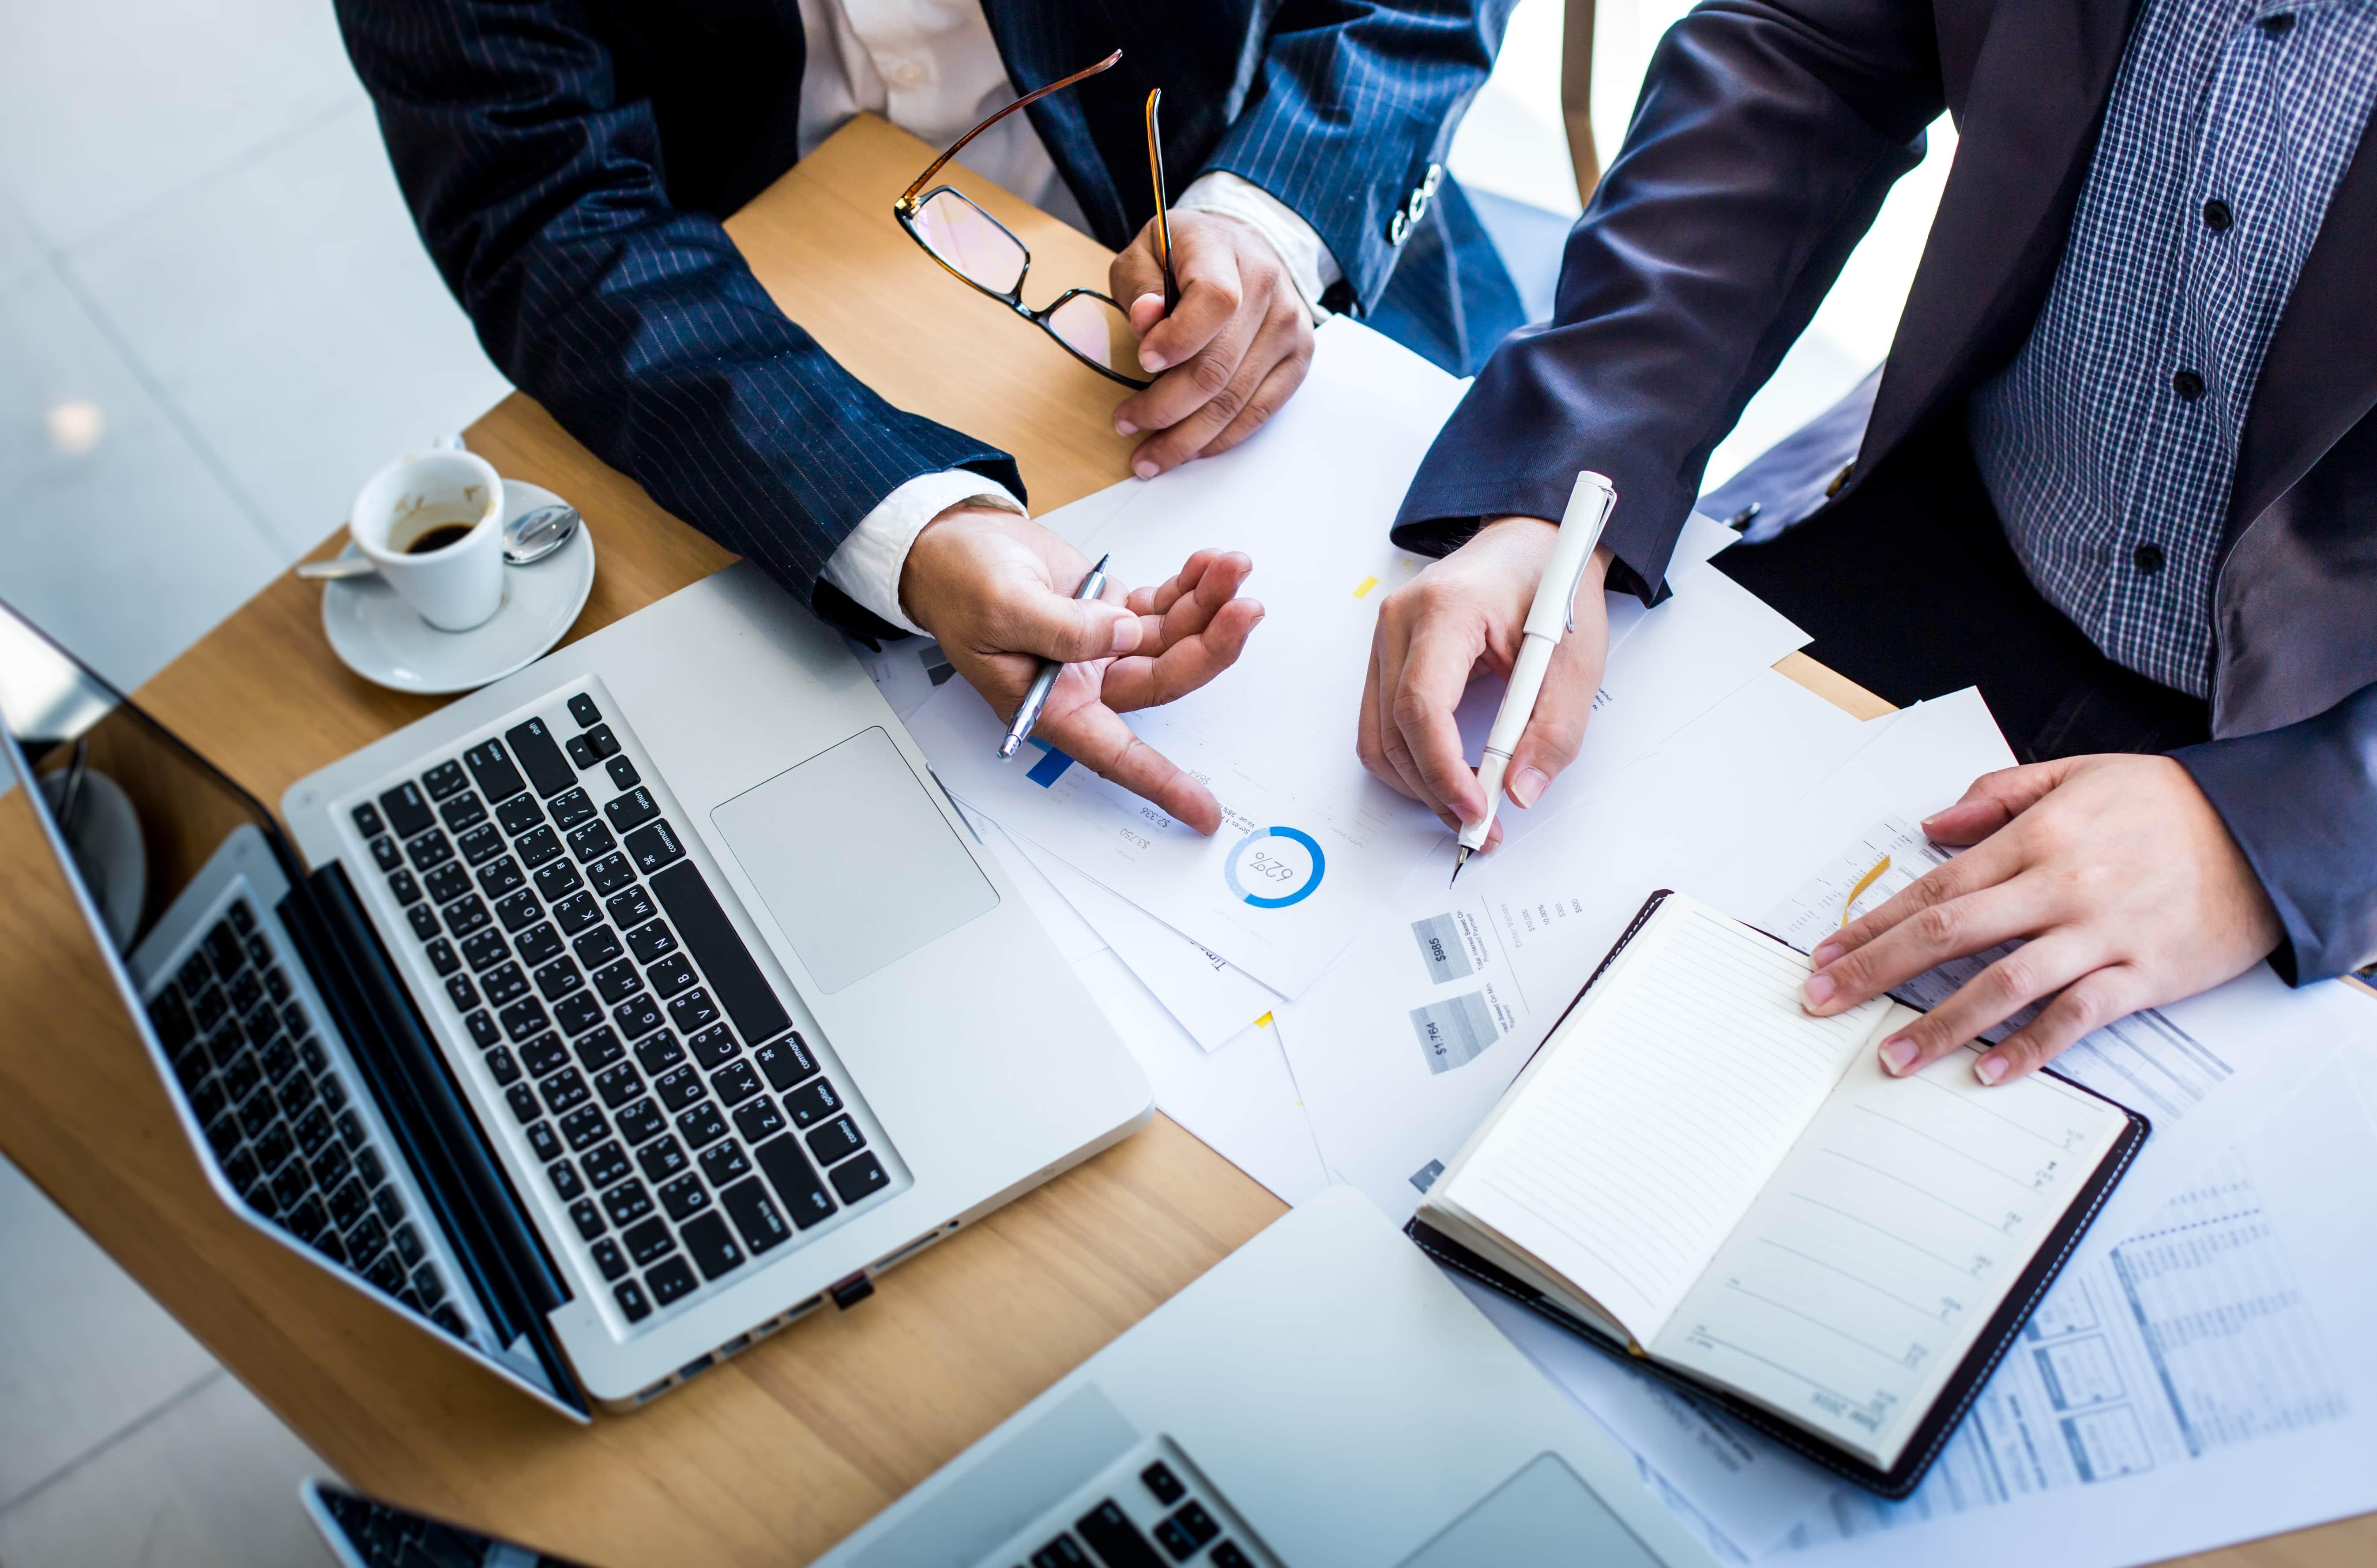 Конкуренция бухгалтерских услуг бухгалтерский учет покупка товаров и услуг